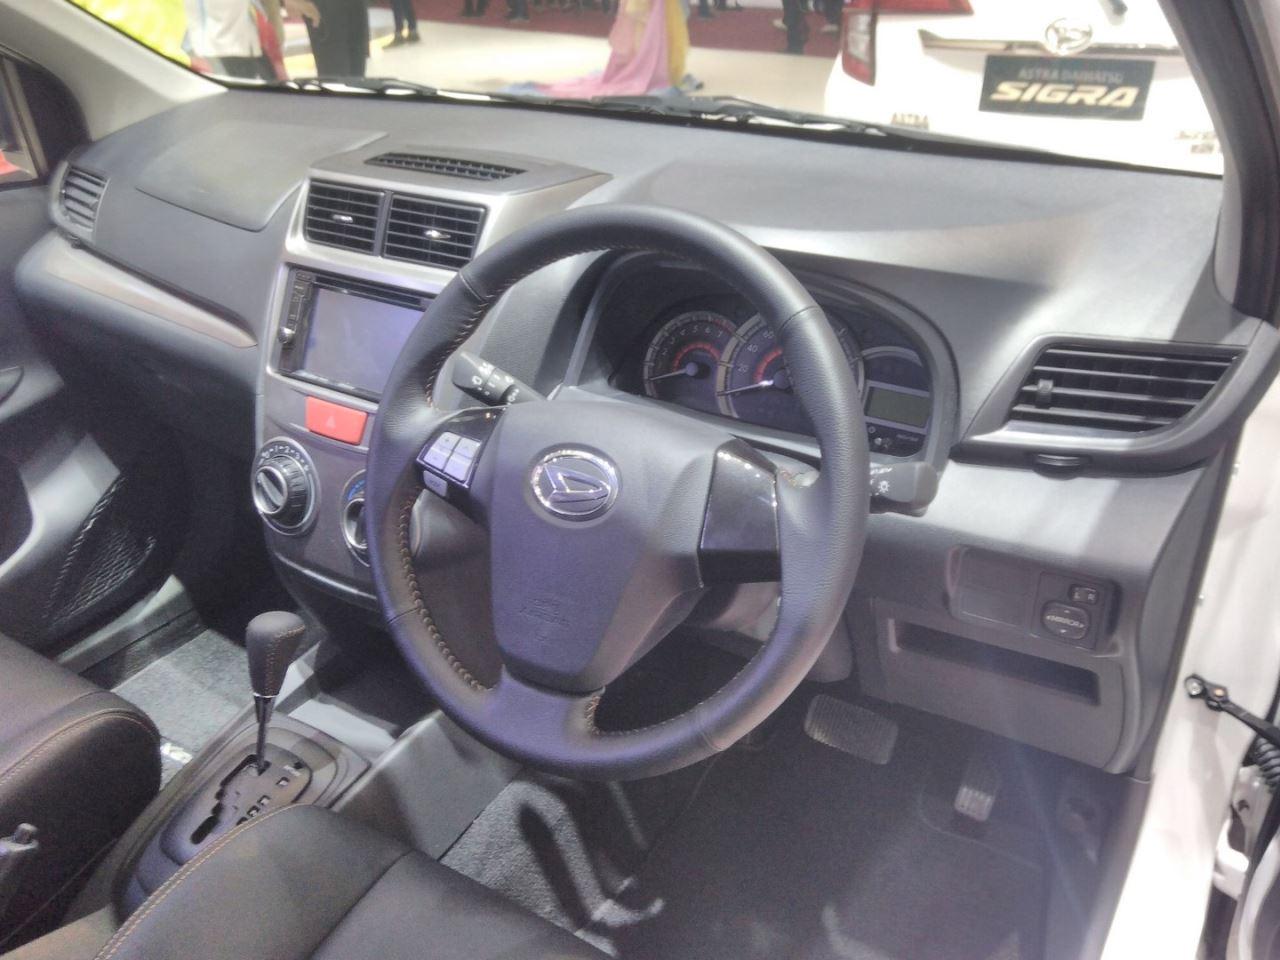 Daihatsu Xenia Special Edition GIIAS 2017 Dashboard